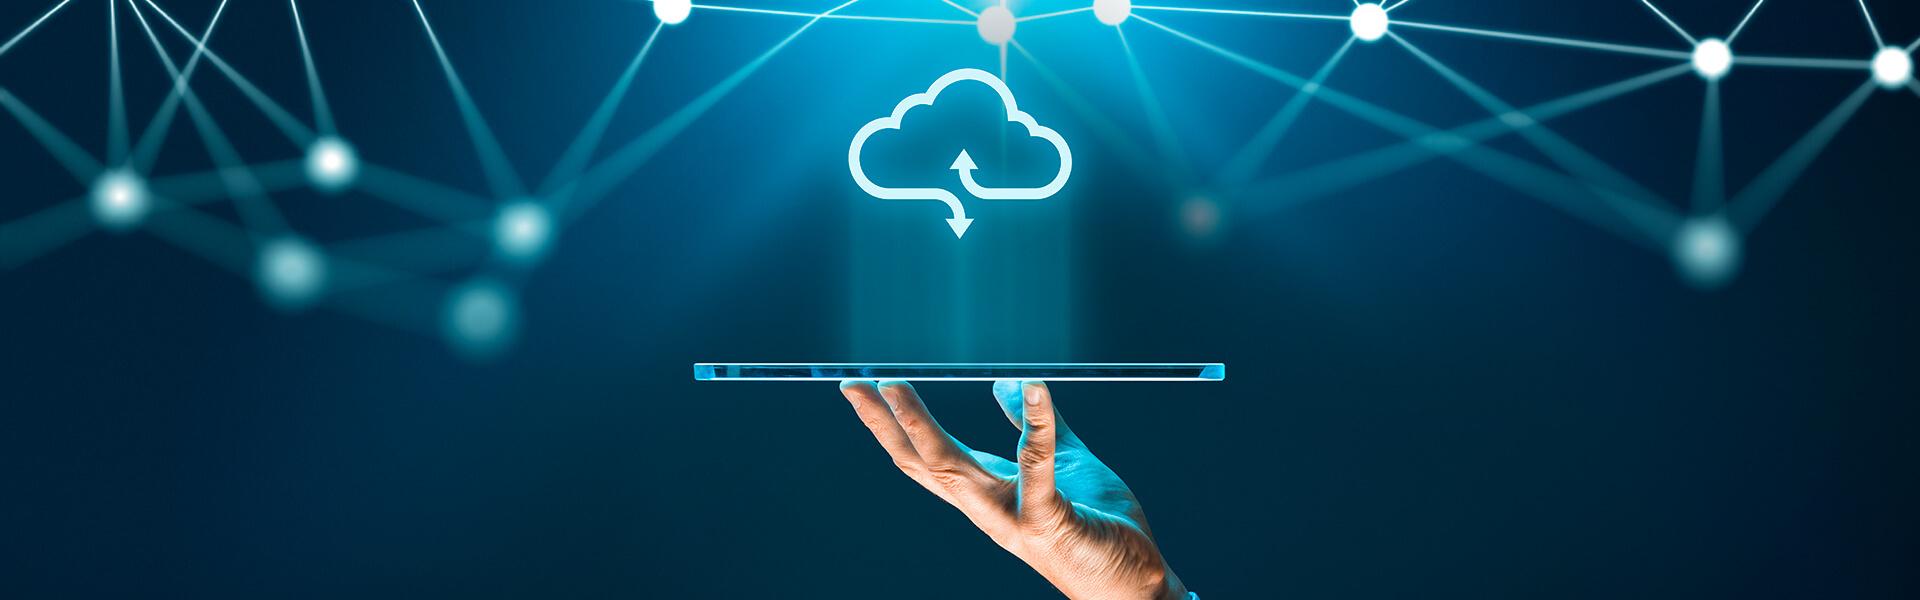 La digitalizzazione delle imprese inizia dai dati